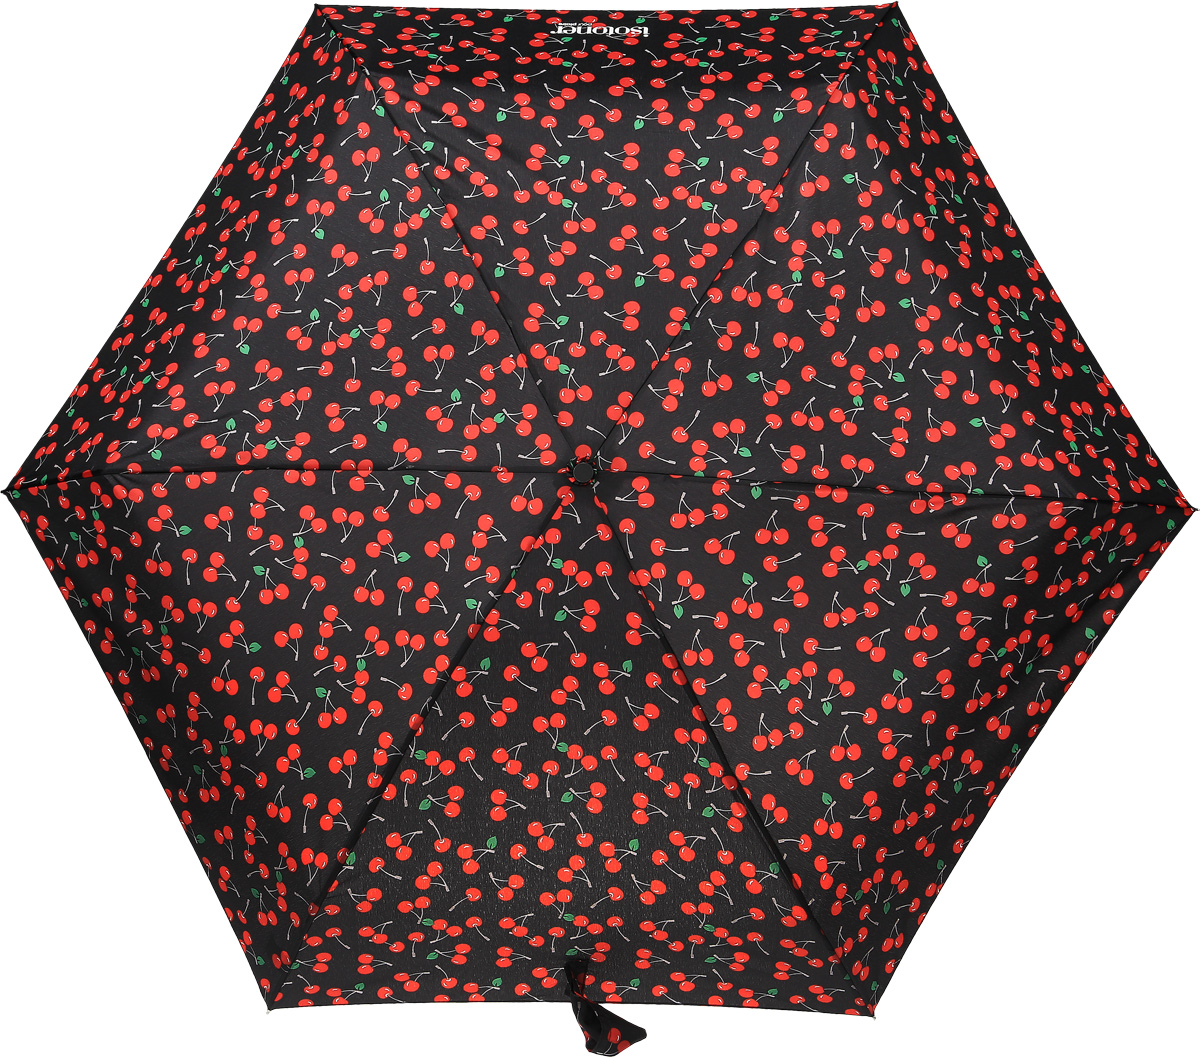 Зонт женский Isotoner Гламурная вишня, механический, 5 сложений, цвет: черный, красный. 09137-3614K50K502473_0010Компактный женский зонт Isotoner изготовлен из металла и пластика. Каркас зонта на прочном металлическом стержне. Купол зонта изготовлен качественного полиэстера. Закрытый купол застегивается на липучку хлястиком. Практичная рукоятка закругленной формы разработана с учетом требований эргономики.Зонт складывается и раскладывается механическим способом.Такой зонт не только надежно защитит от дождя, но и станет стильным аксессуаром.